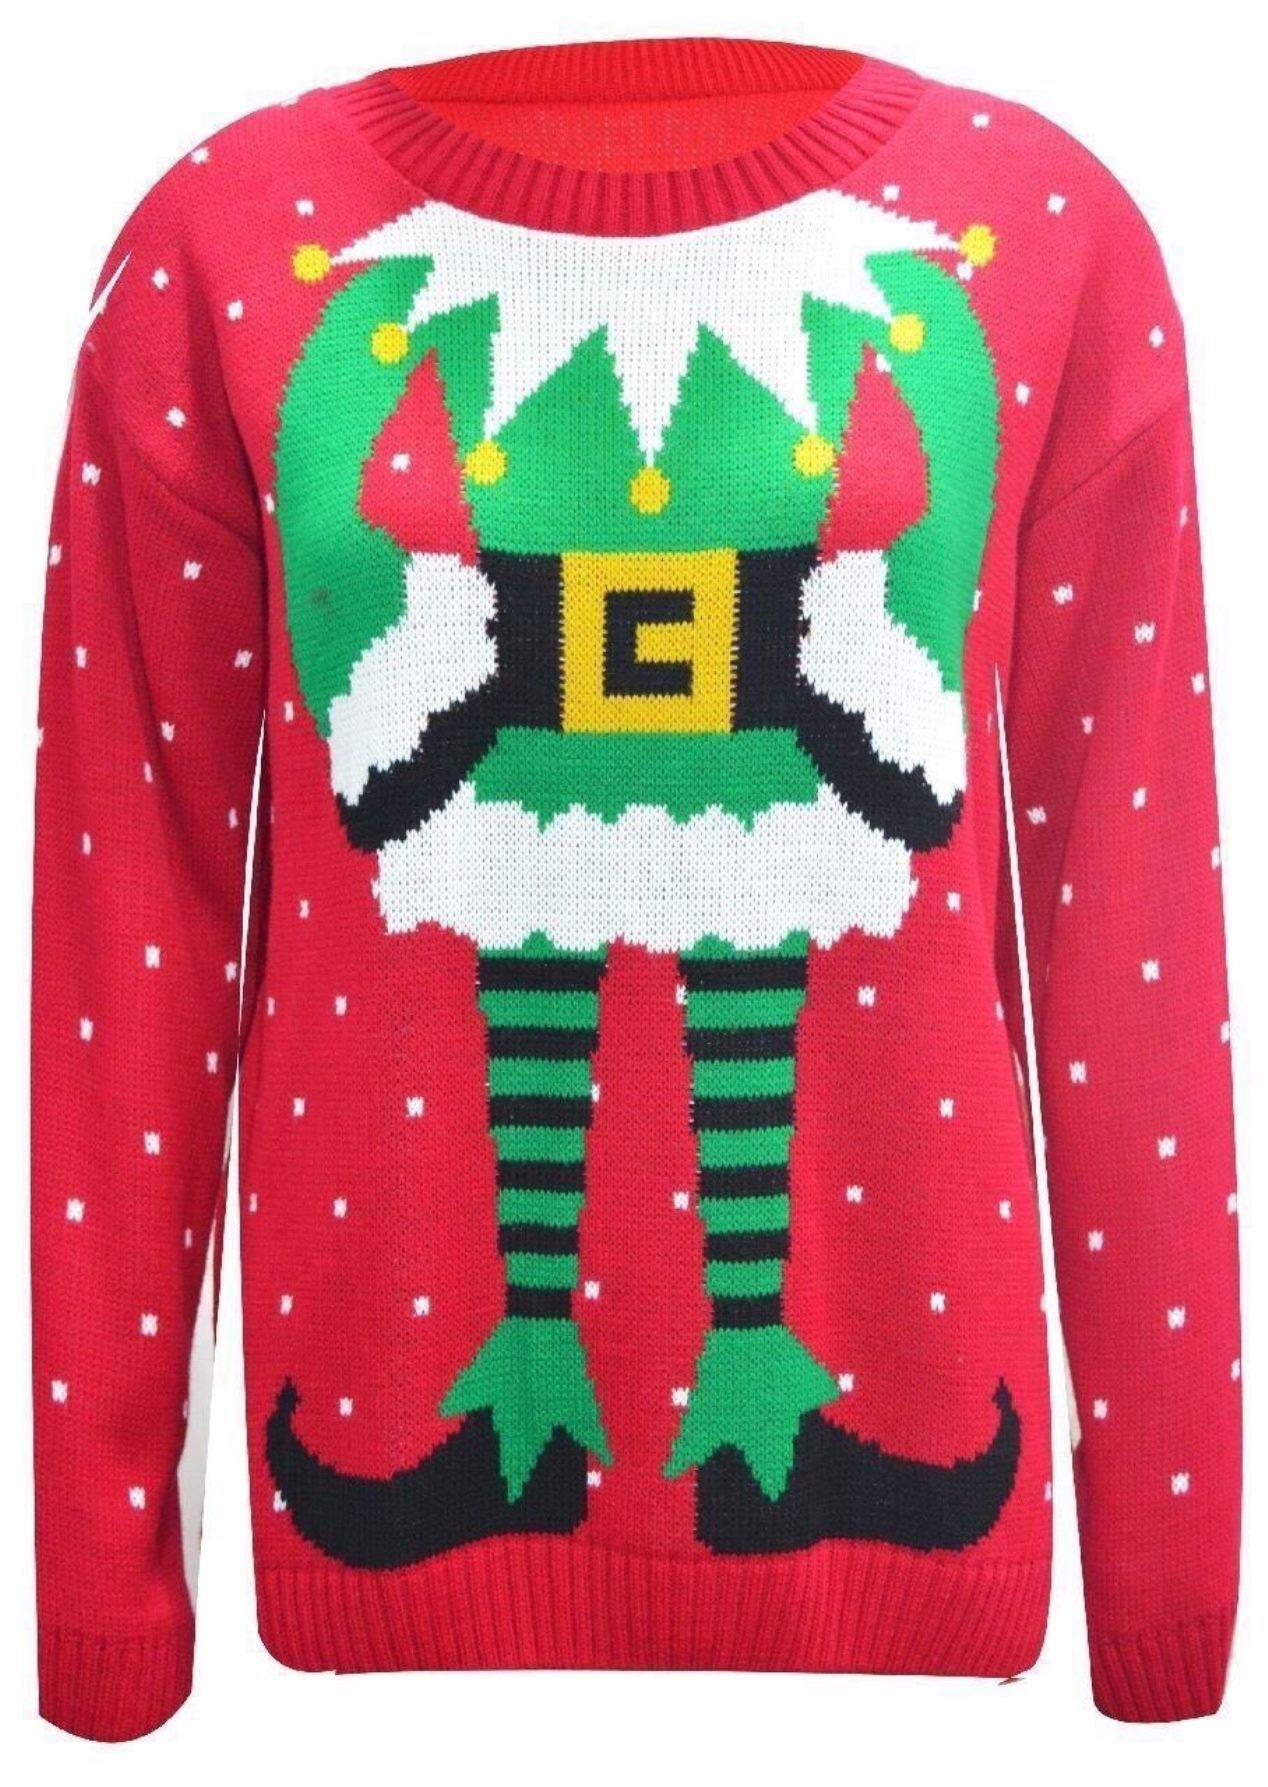 New Womens Elf Dancer Knitted Xmas Jumper Celeb Inspired ...